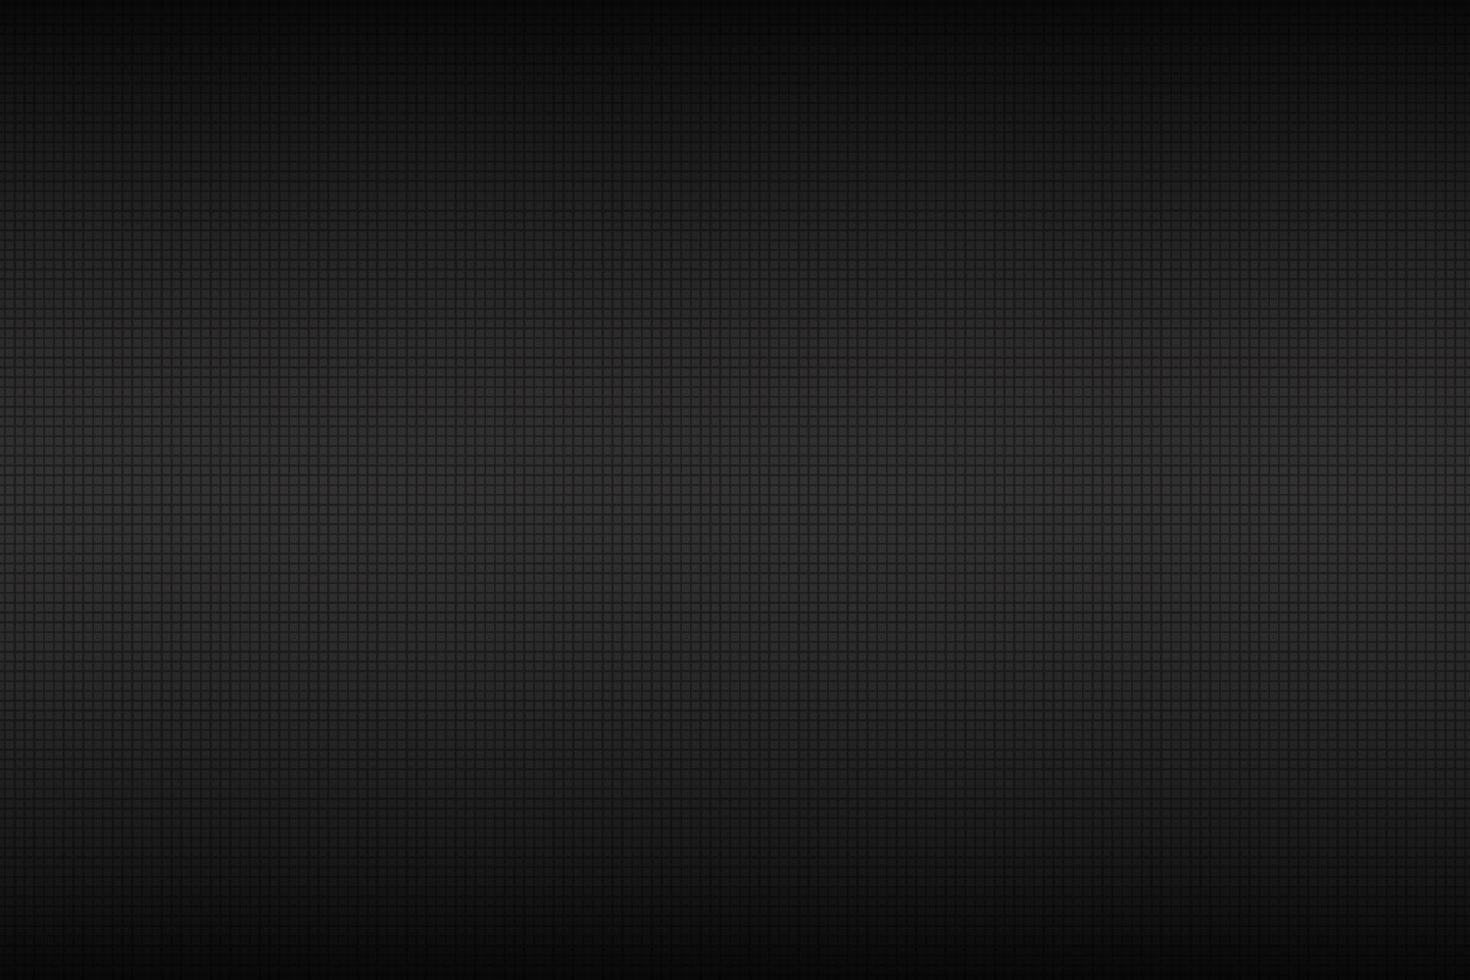 Fondo abstracto negro oscuro y gris con rejilla negra. Ilustración de vector de textura cuadrada metálica